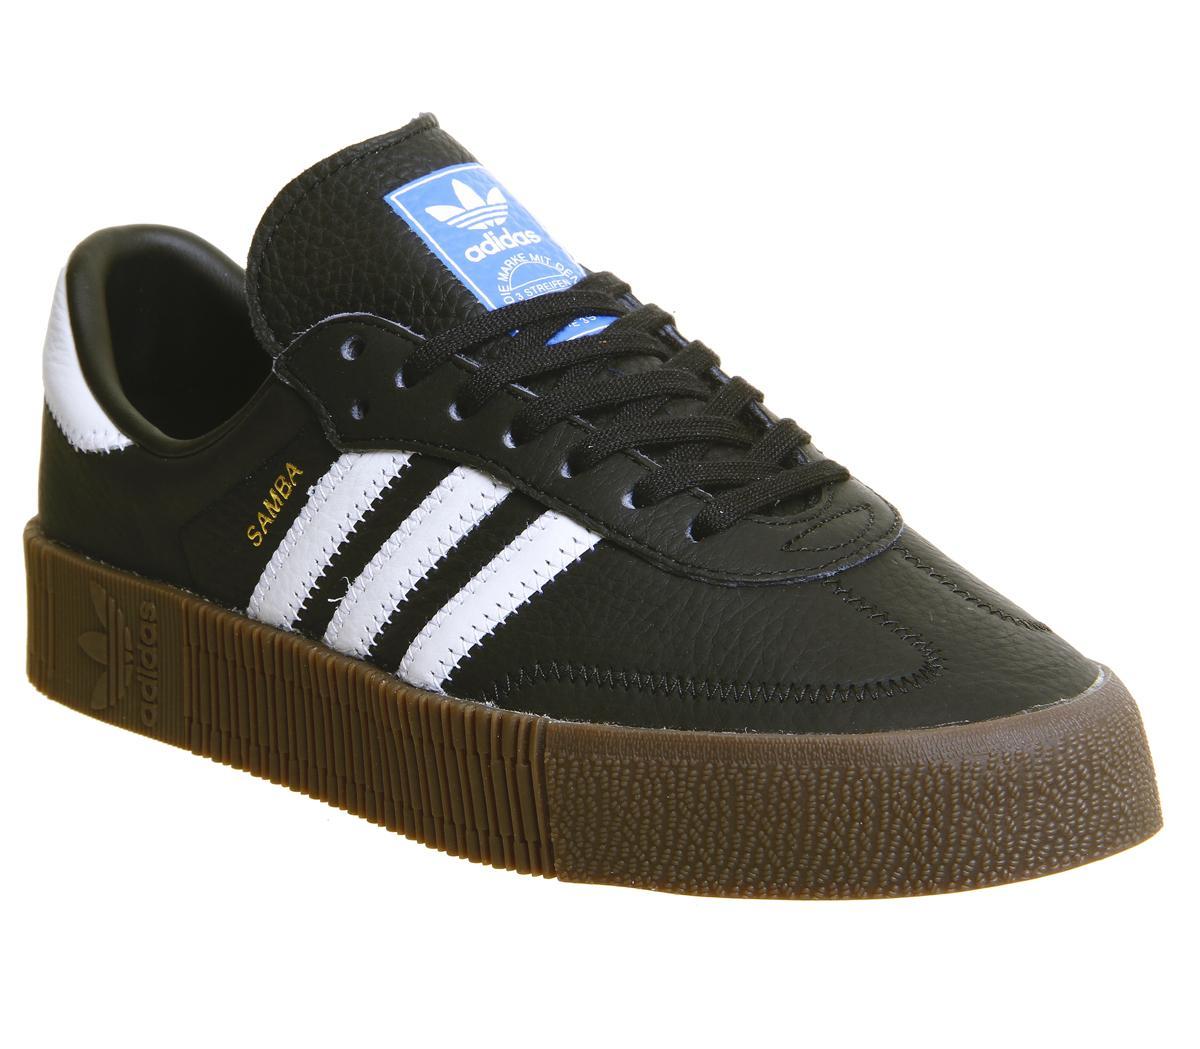 Adidas Black Friday Shoes Samba Trainers BlackWhite